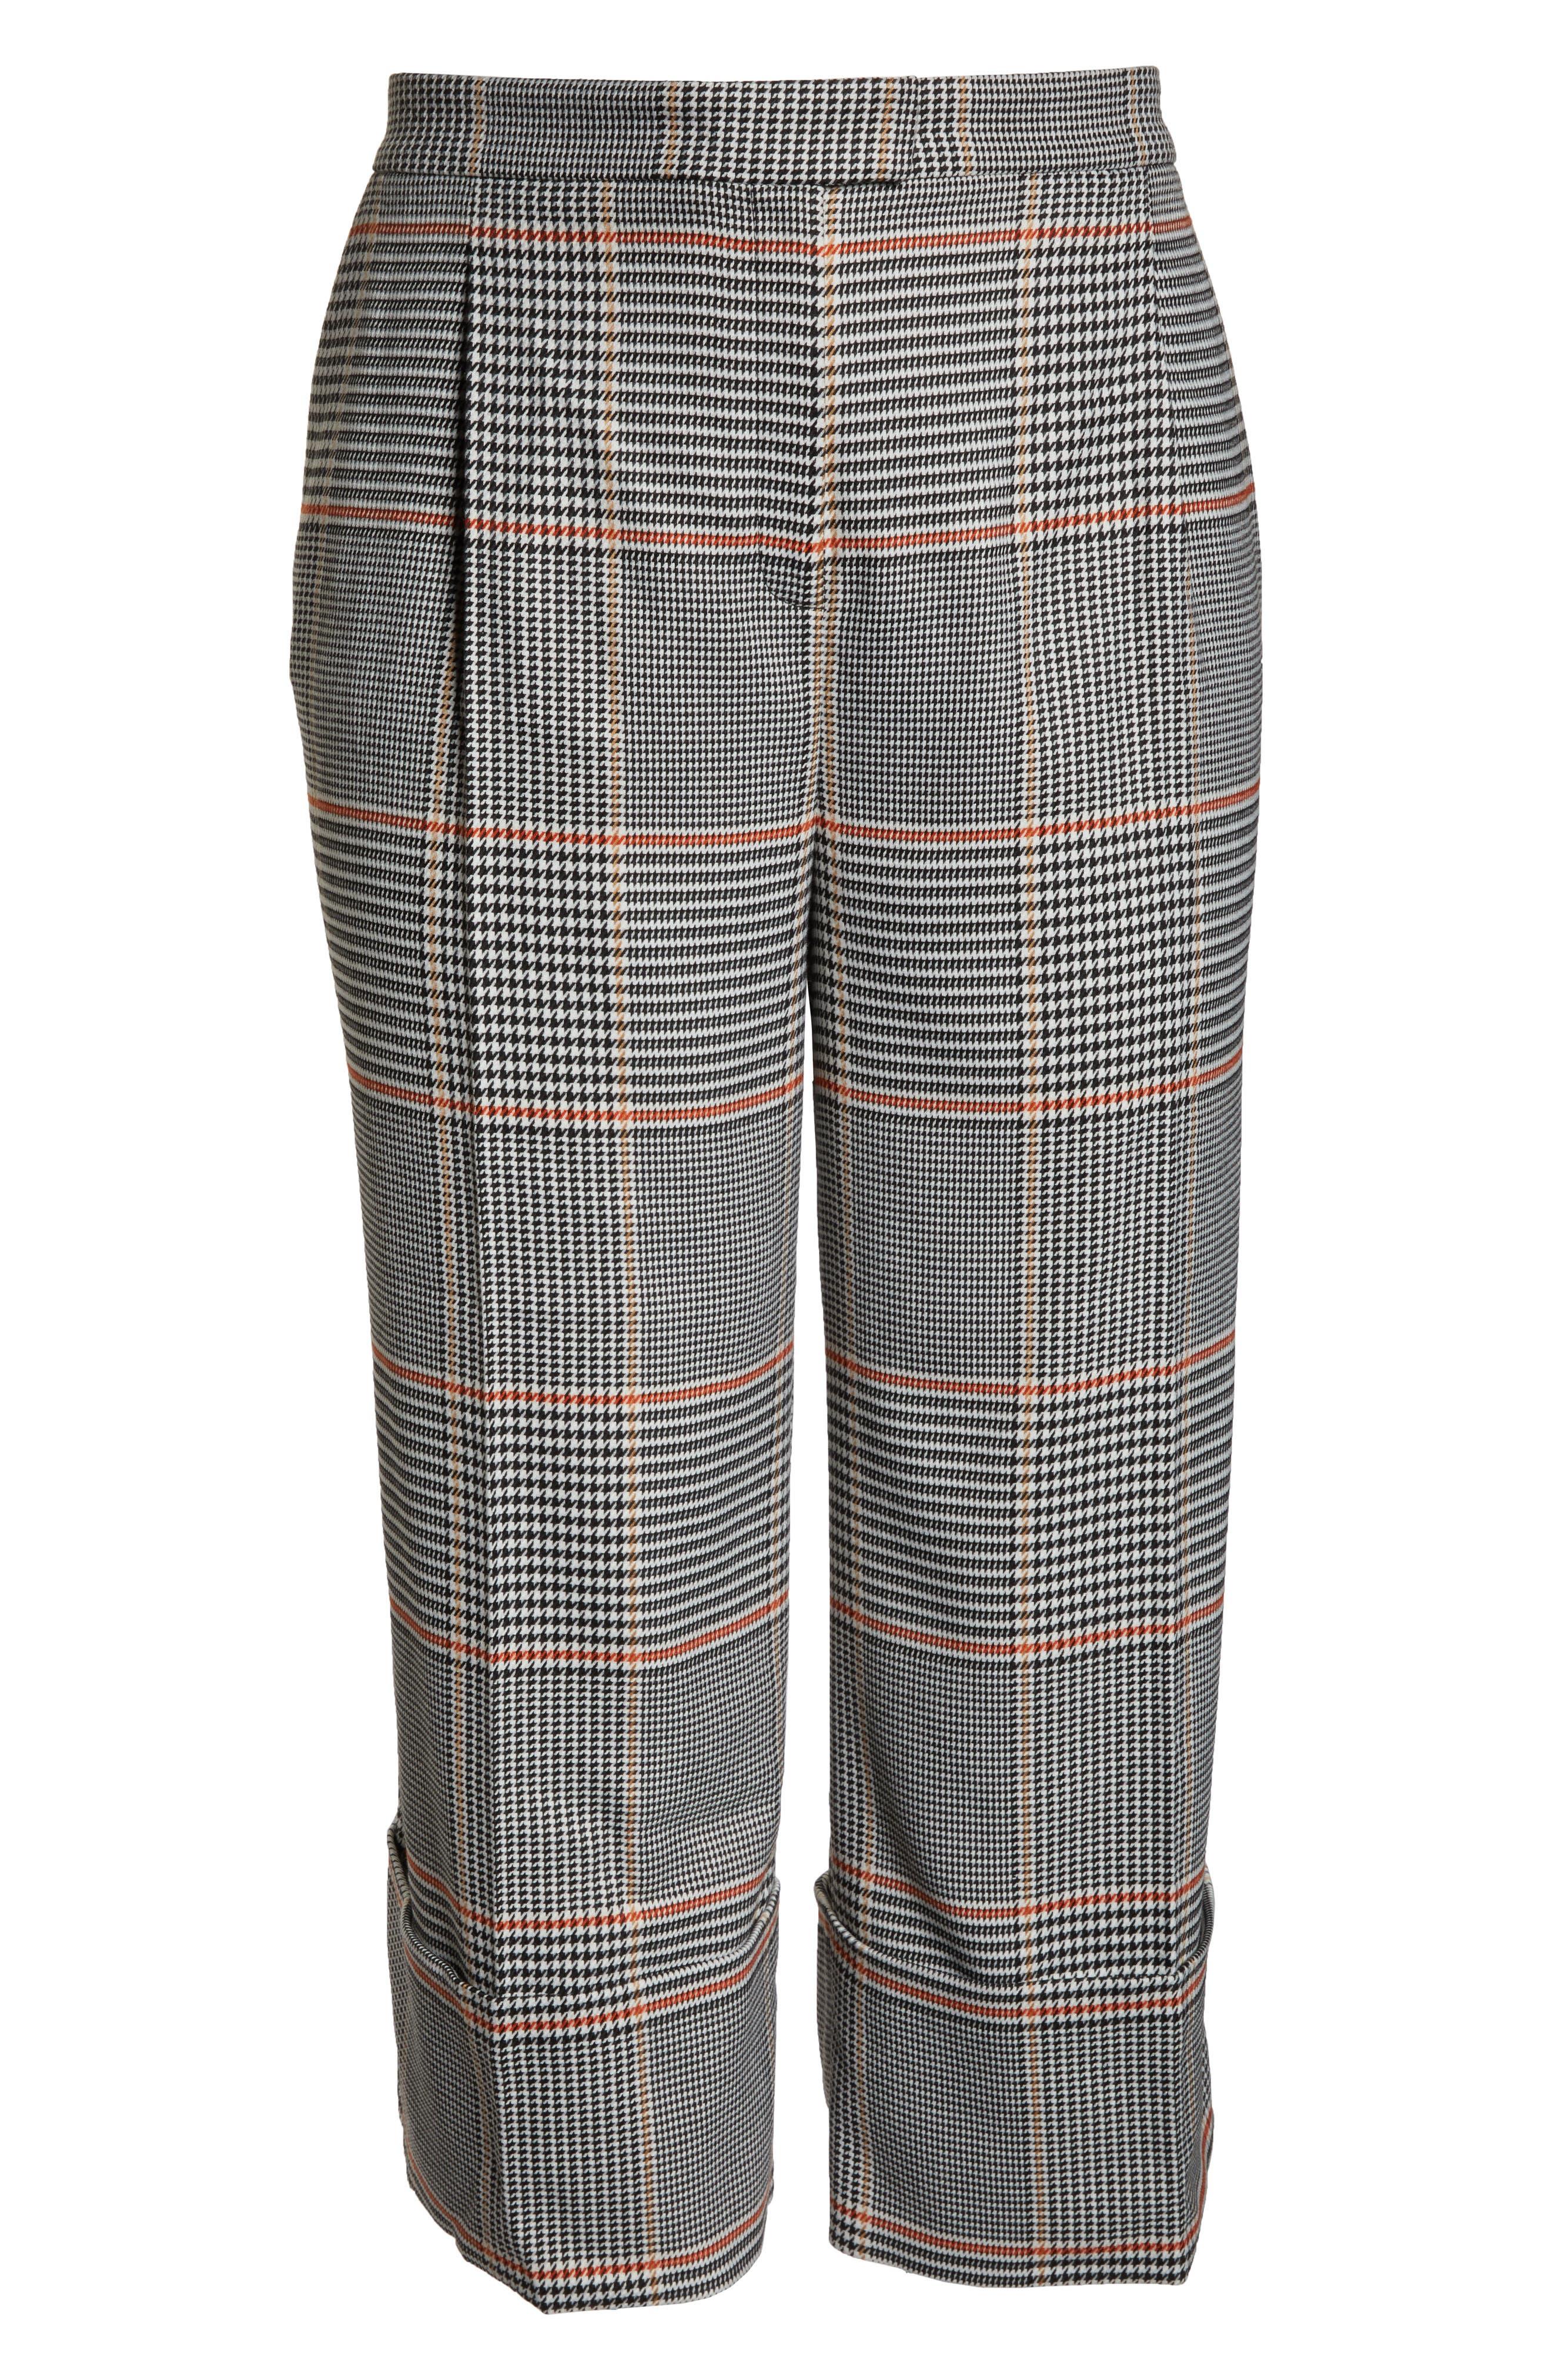 x Atlantic-Pacific Plaid Wide Leg Crop Pants,                             Alternate thumbnail 7, color,                             BLACK PLAID